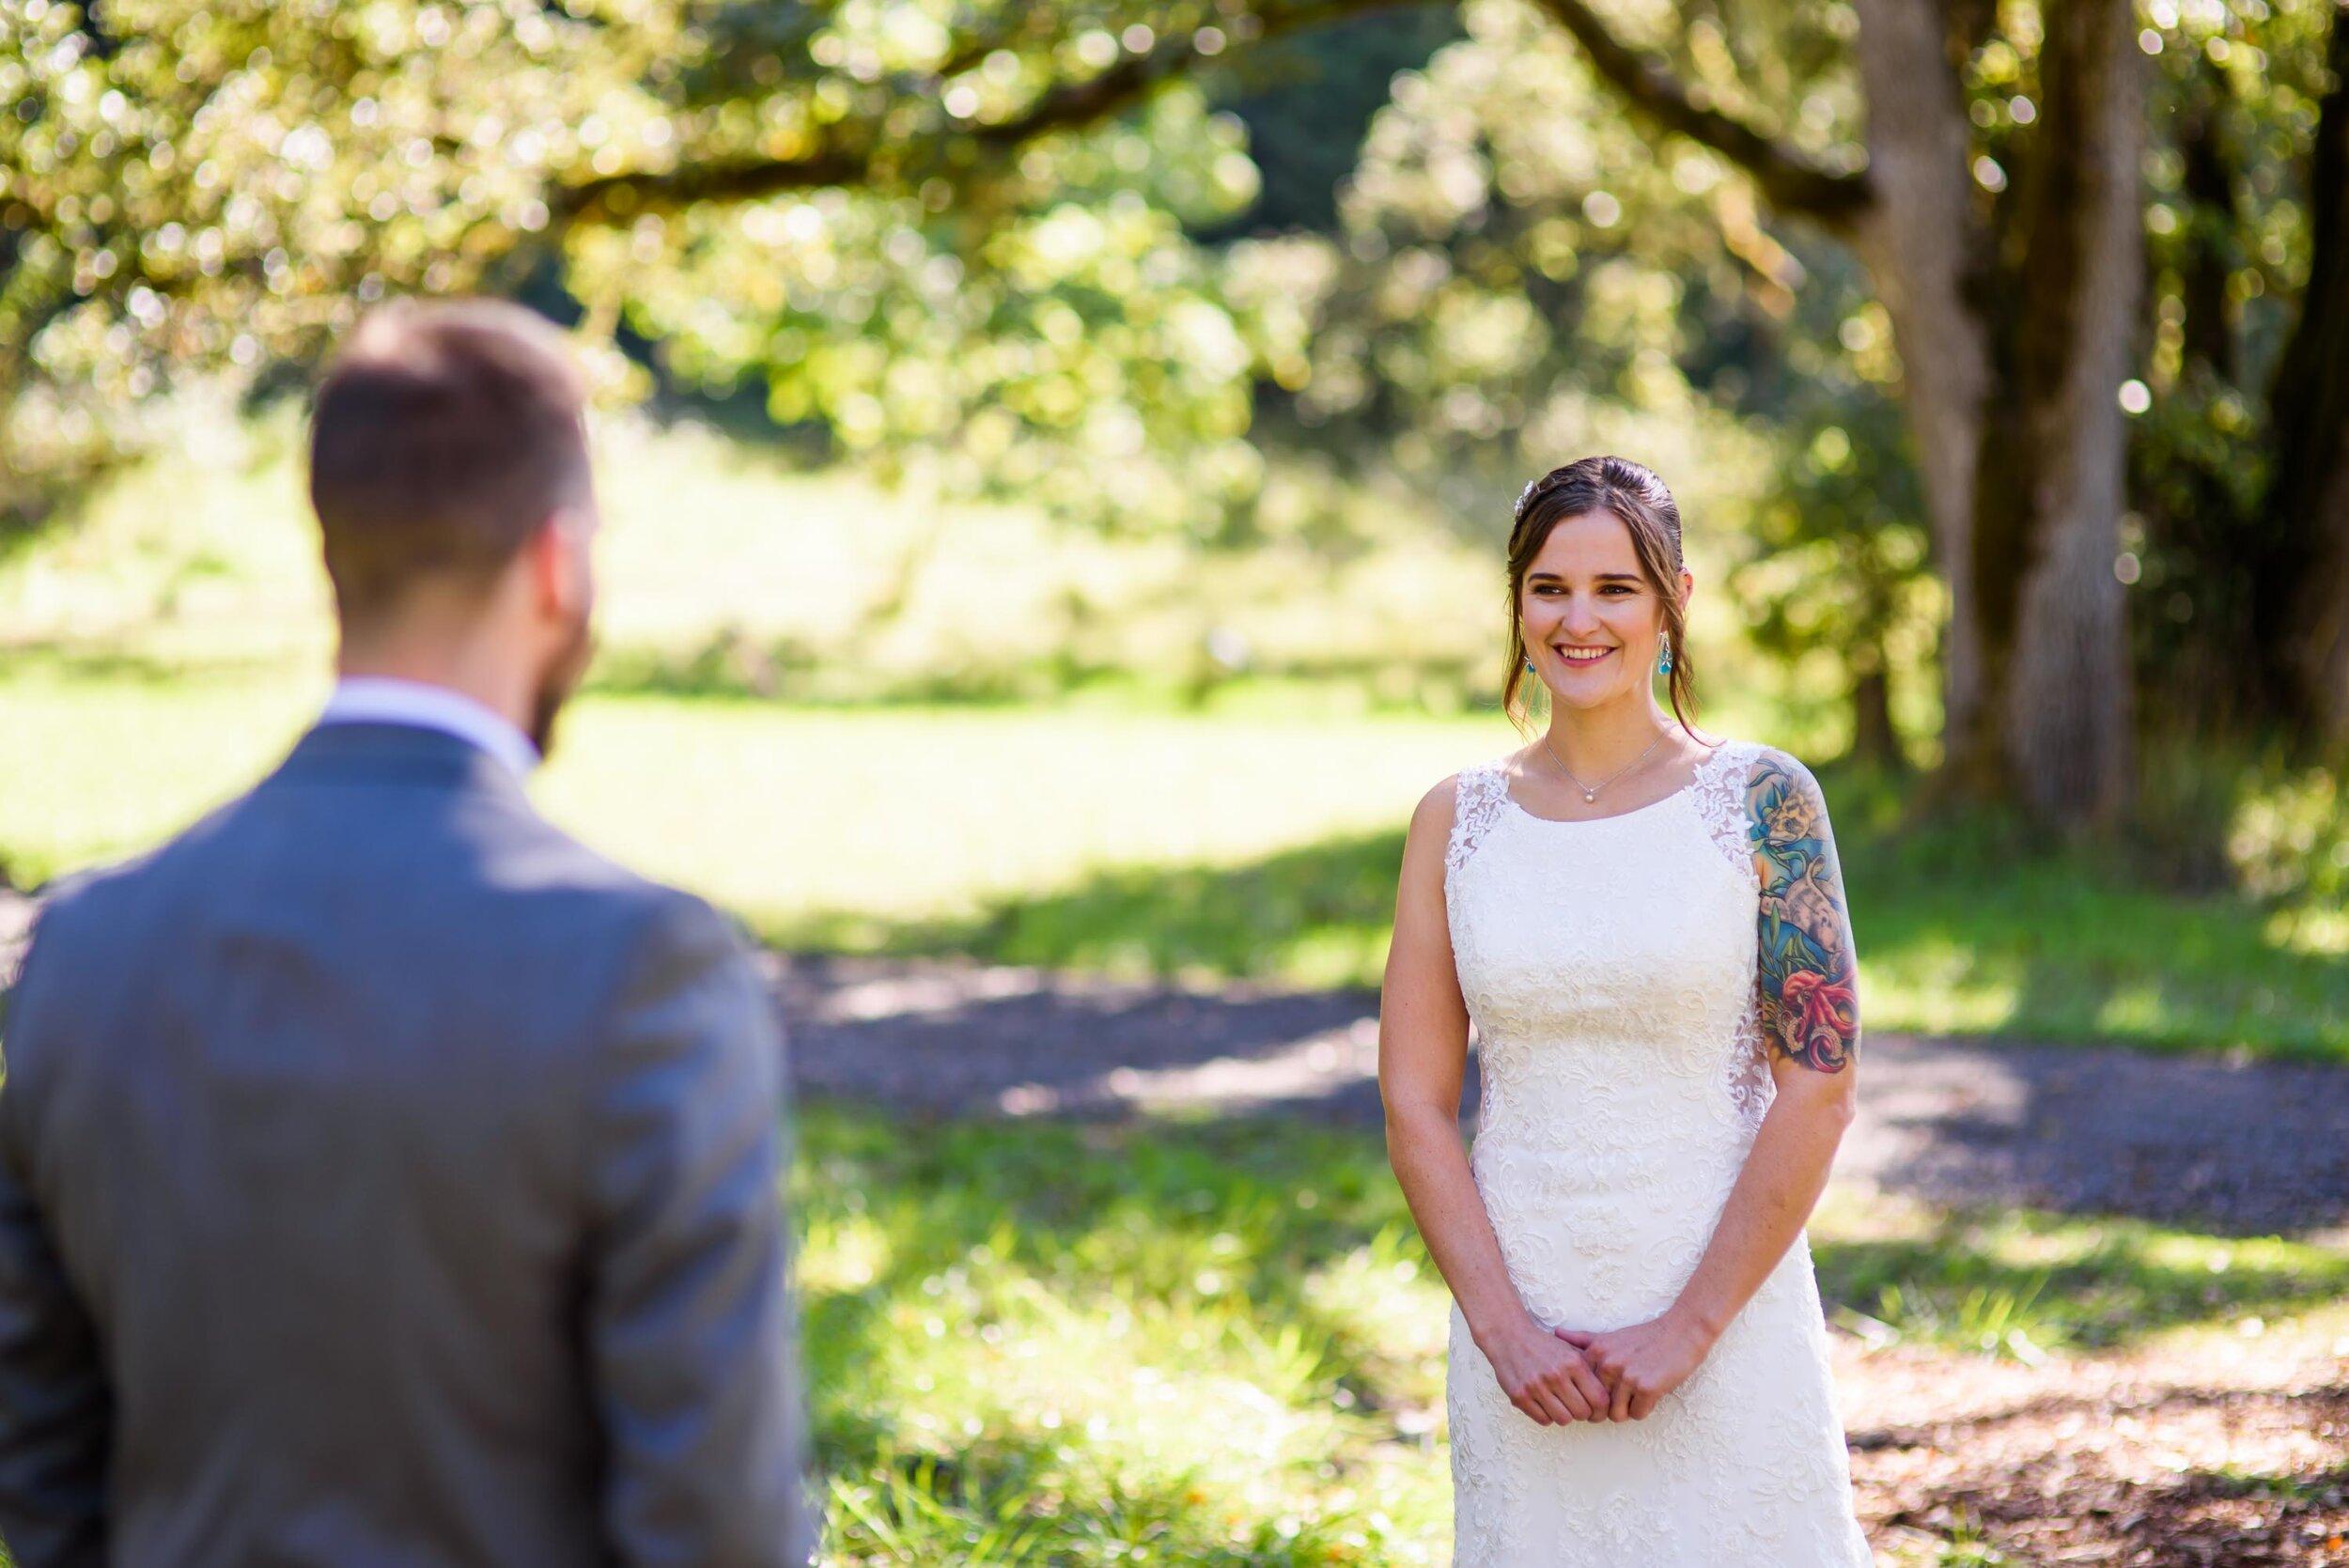 Mt. Pisgah Arboretum wedding photos 20.JPG